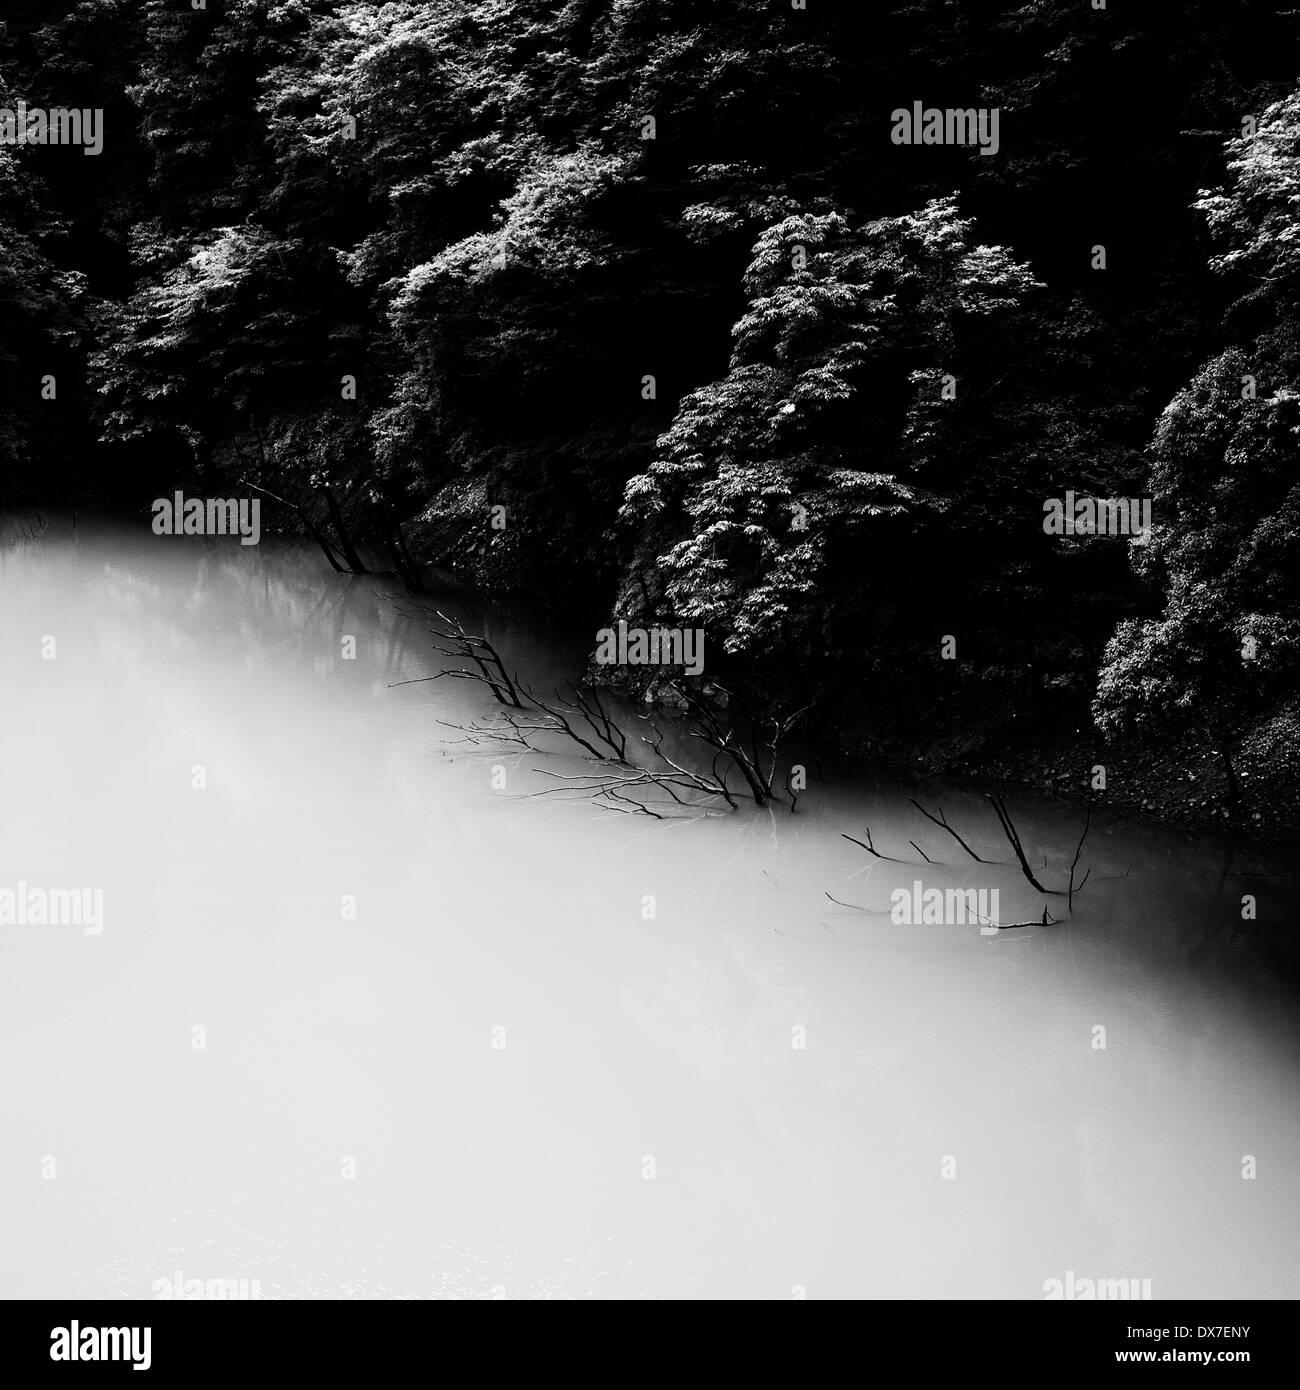 Miho Dam, Kanagawa Prefecture, Japan - Stock Image